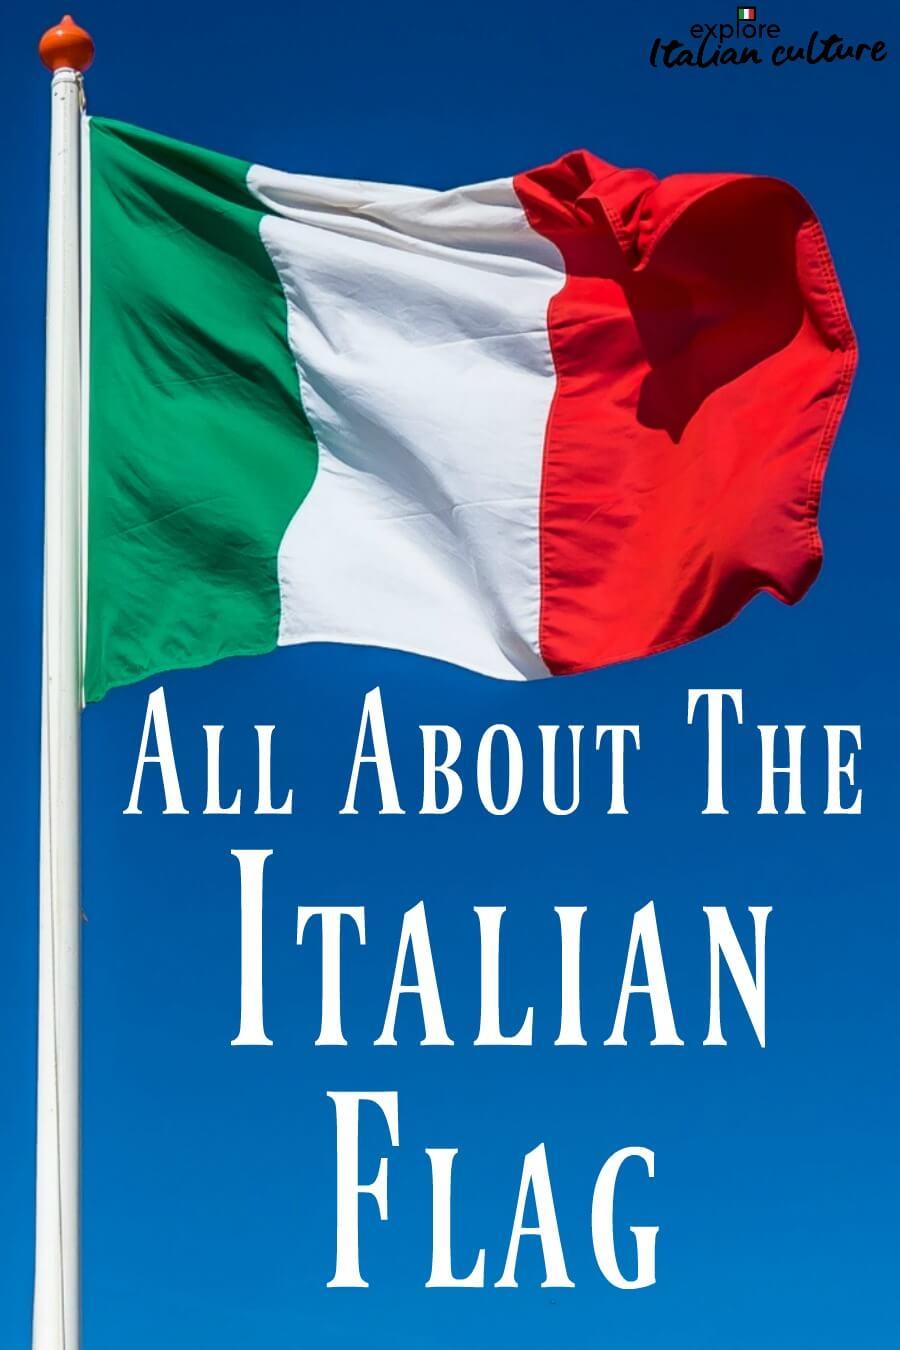 The Italian flag - link.